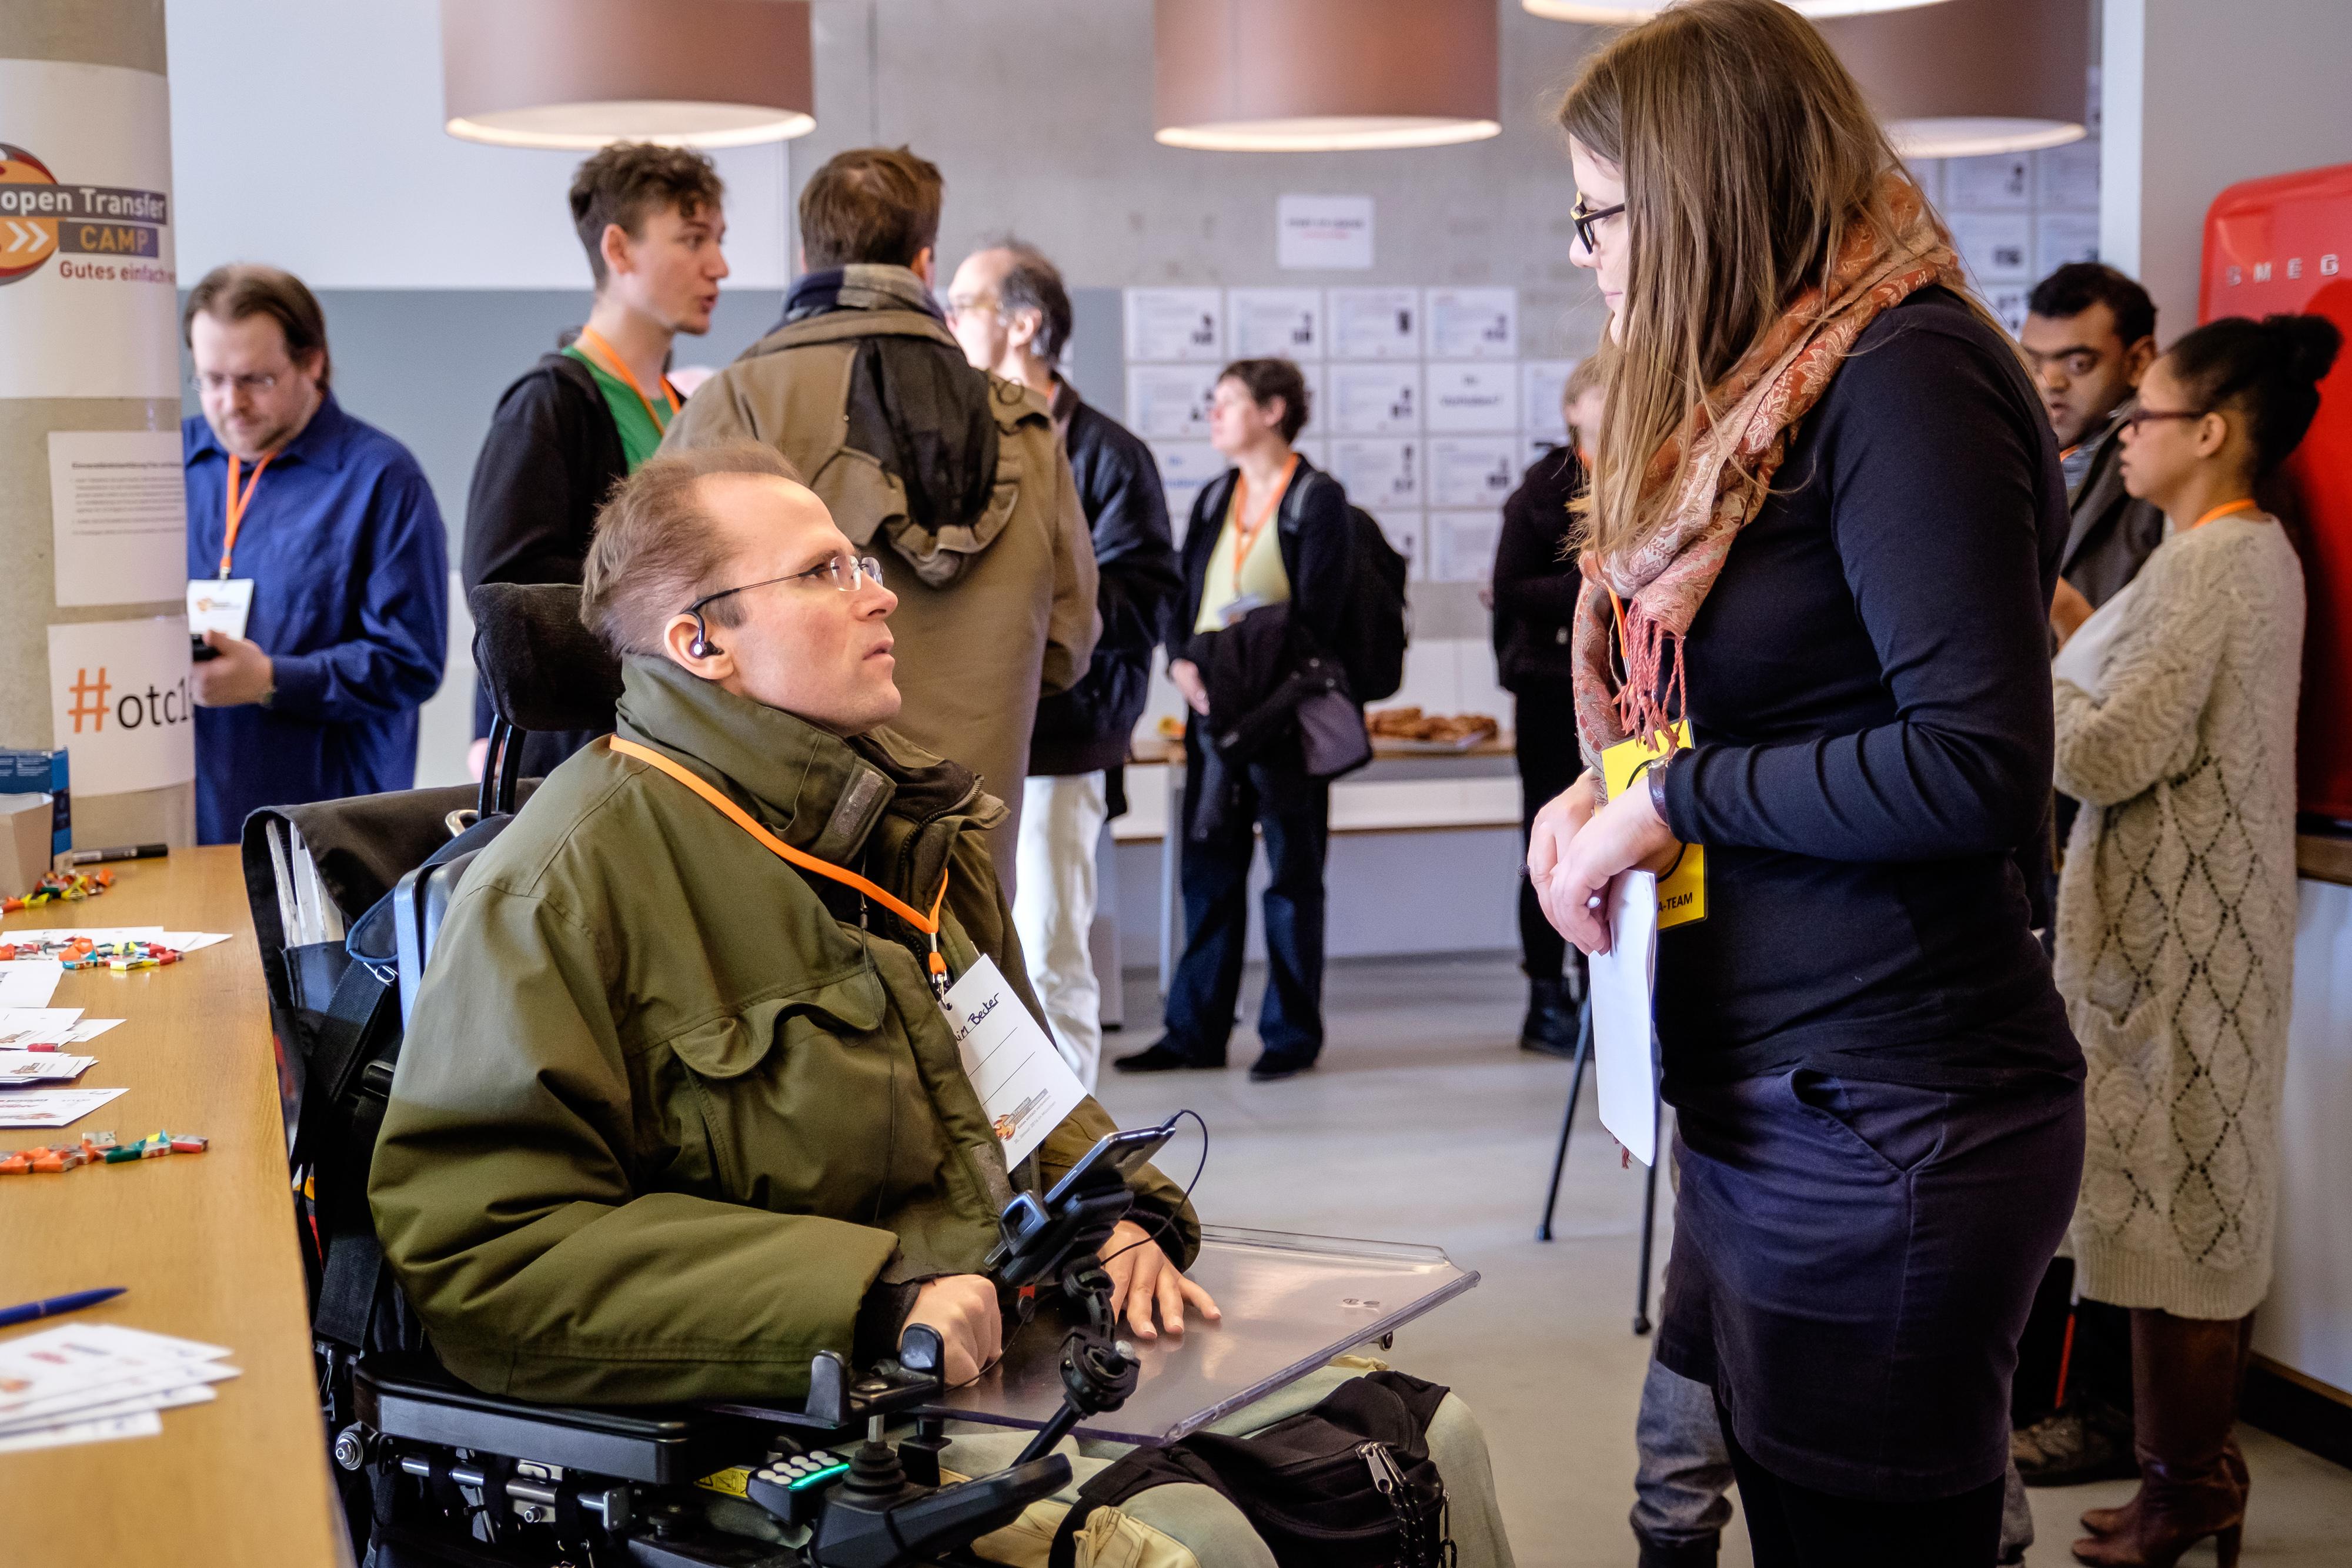 Rollstuhlfahrer im Gespräch mit einer Fußgängerin beim openTransfer CAMP #Inklusion 2016 in München #otc16